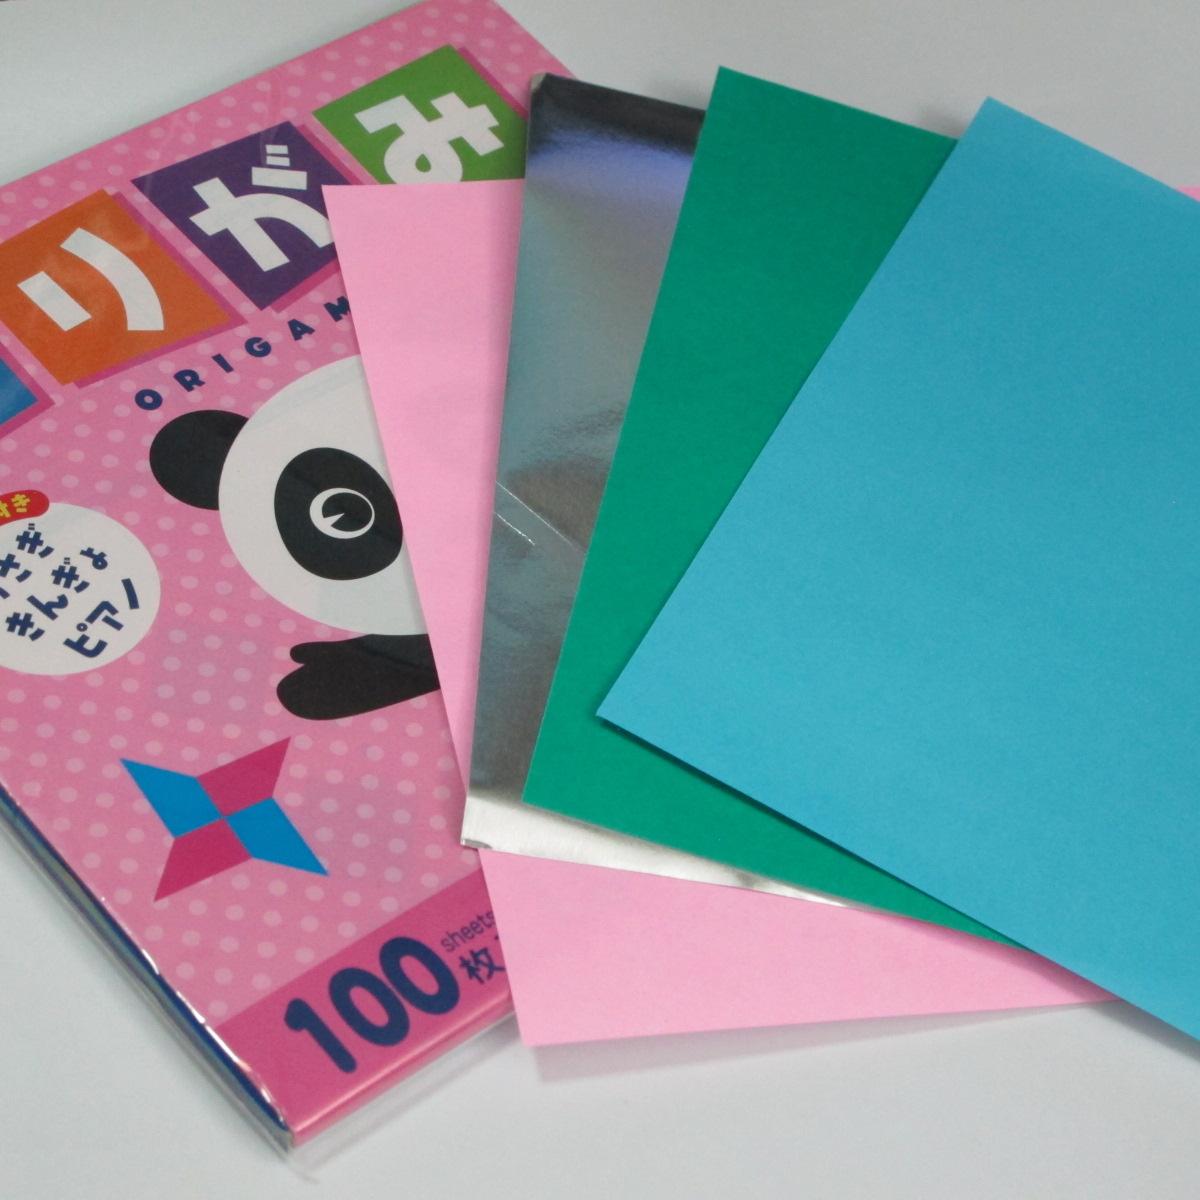 เลือกซื้อกระดาษสำหรับพับโอริงามิ (Origami paper) 002